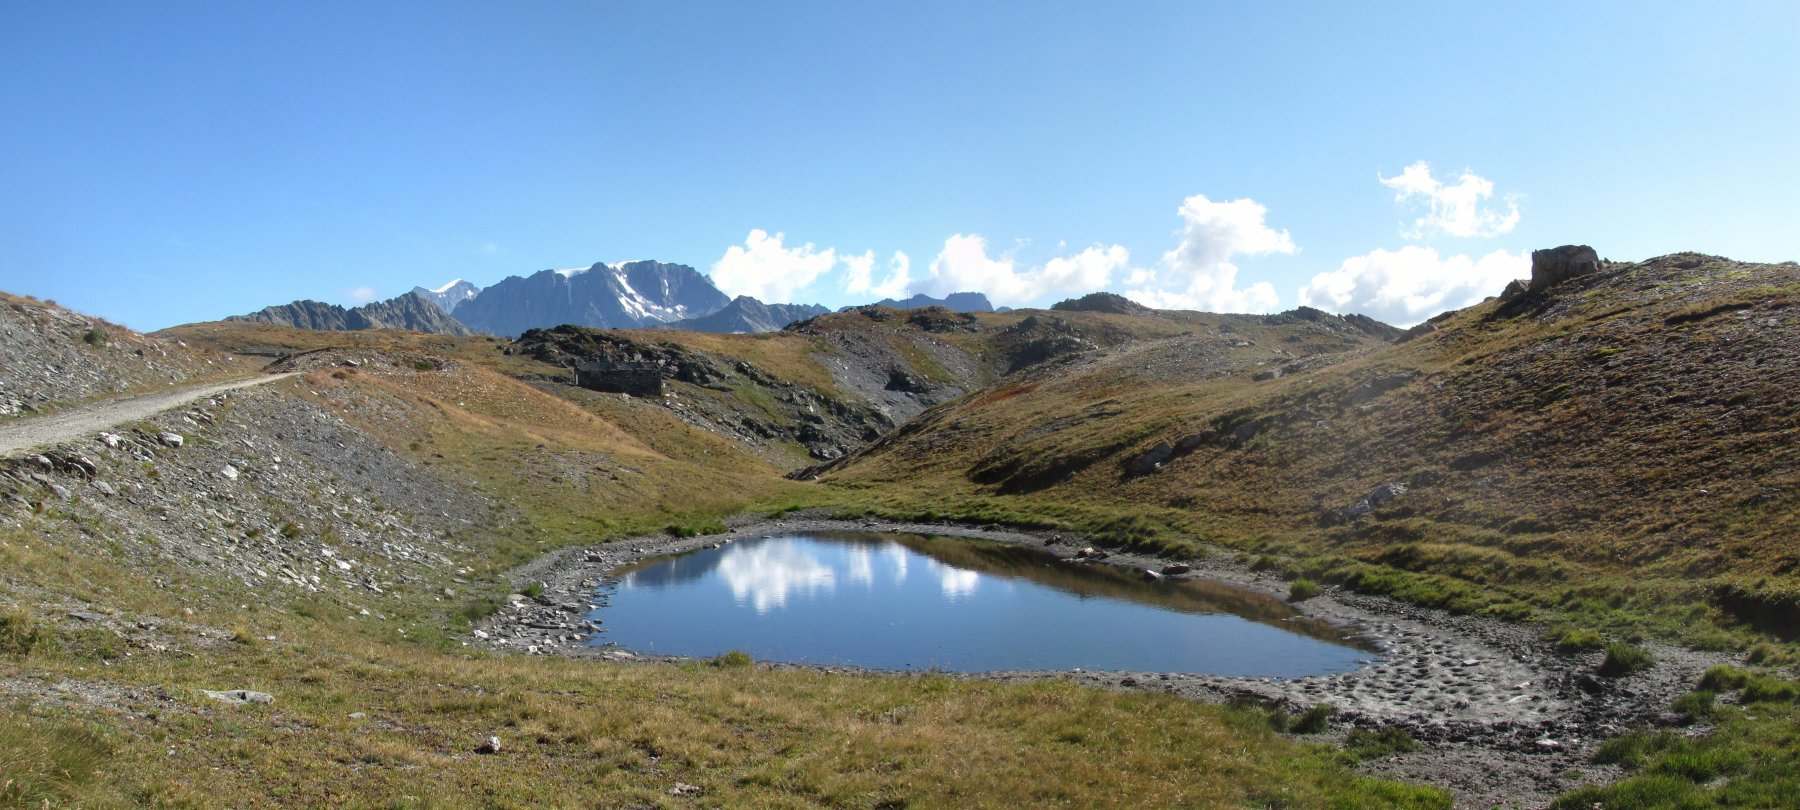 unico laghetto lungo il percorso, con sfondo M. Velan